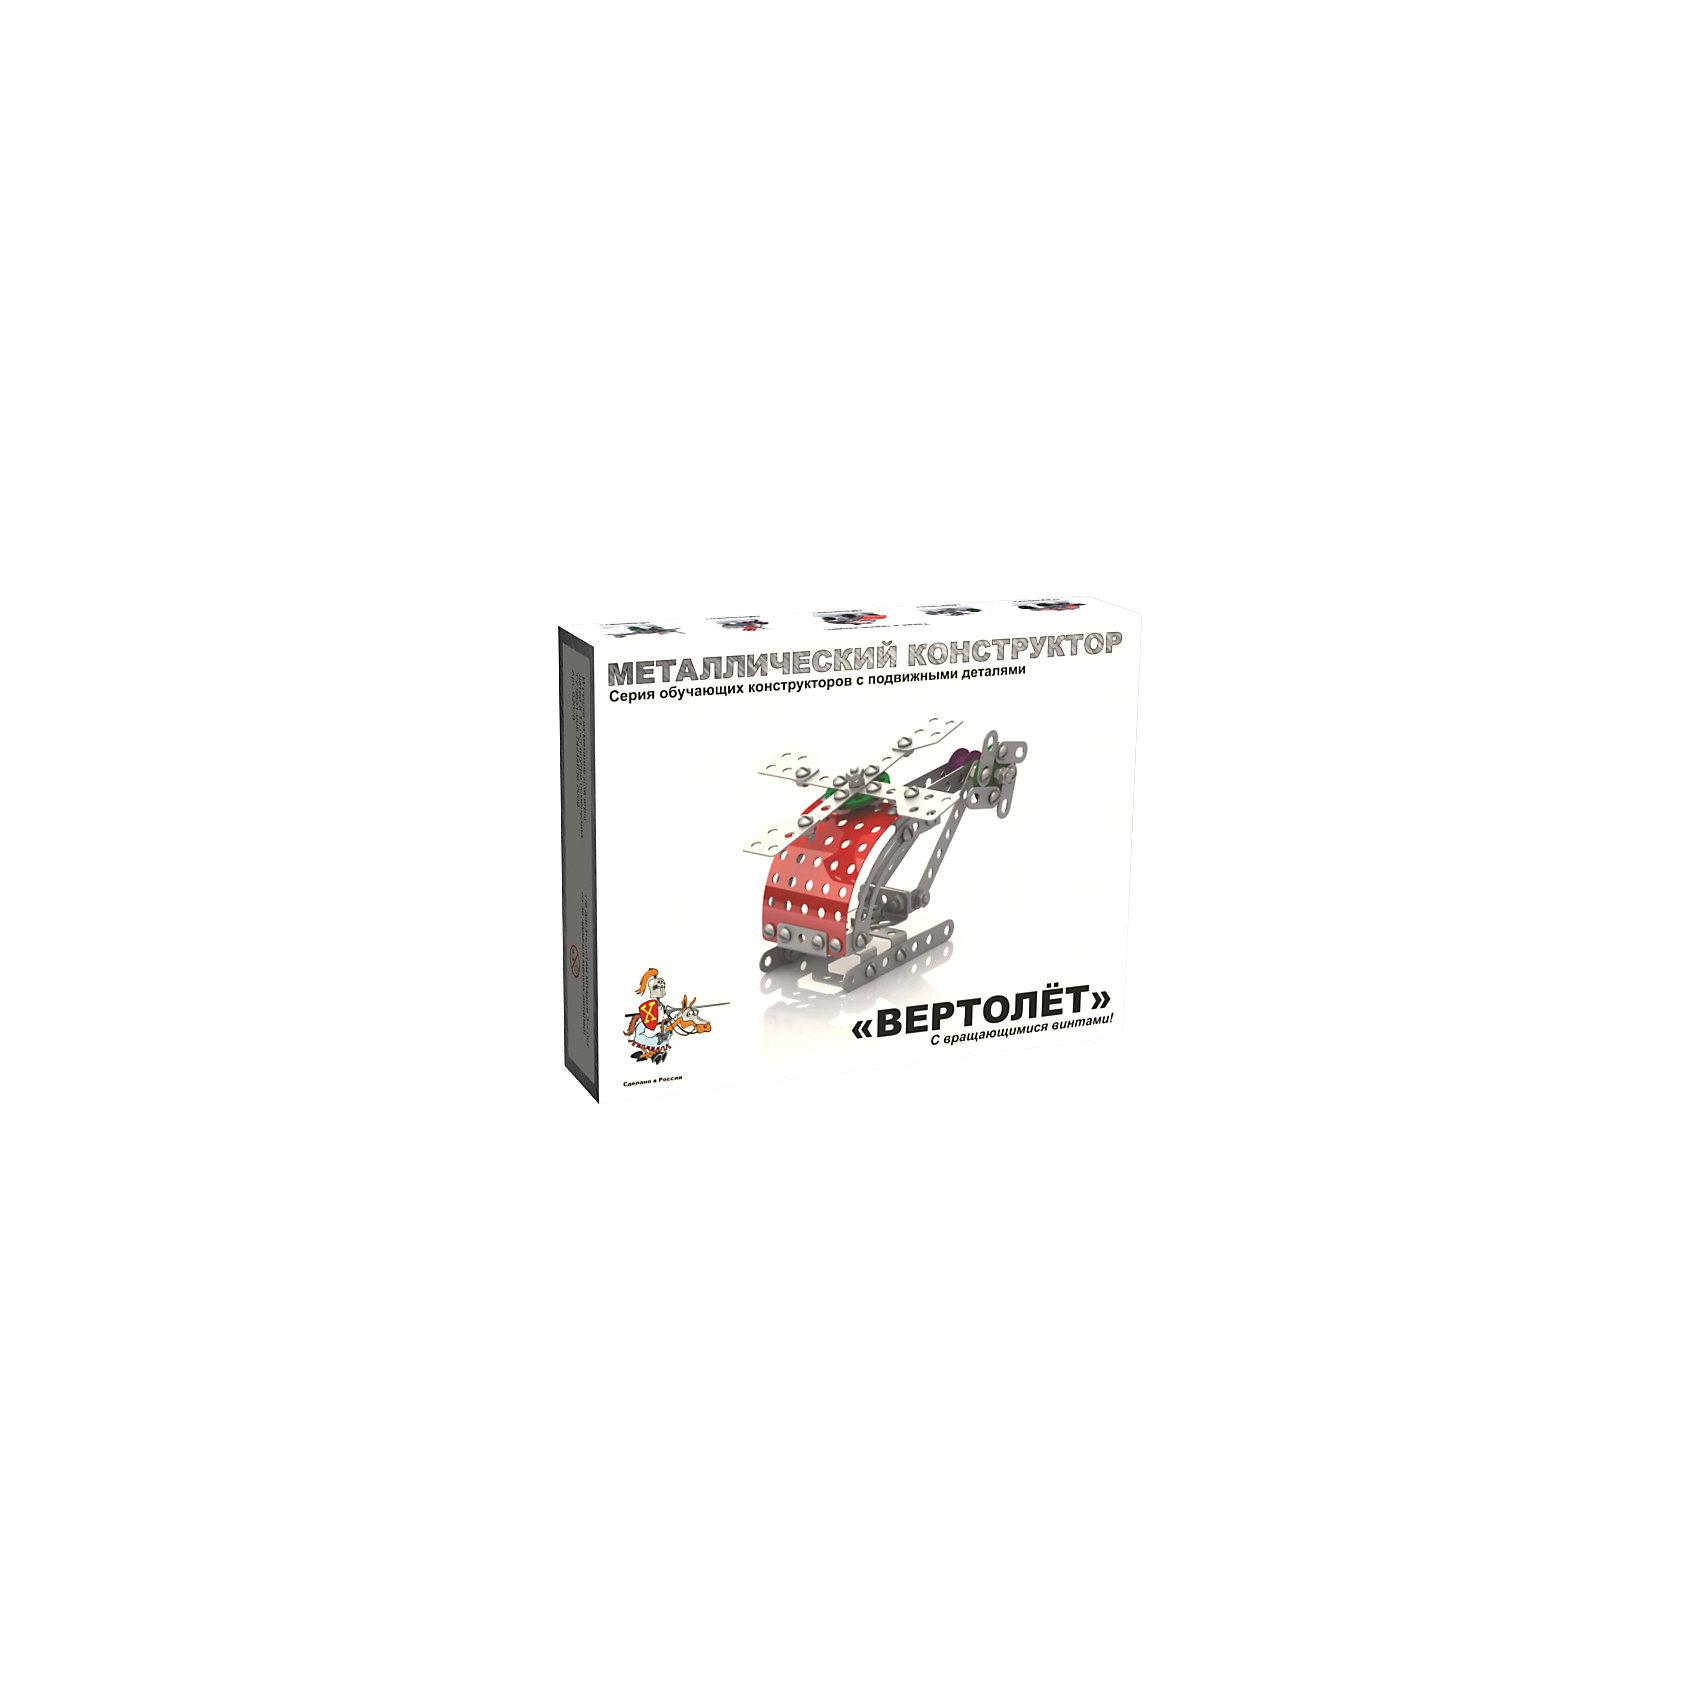 Конструктор металлический с подвижными деталями Вертолет, Десятое королевствоМеталлические конструкторы<br>Конструктор металлический с подвижными деталями Вертолет, Десятое королевство<br><br>Характеристики: <br><br>• Возраст: от 6 лет<br>• Материал: металл<br>• Подвижные детали<br><br>Данный металлический конструктор состоит из различных по размеру деталей и позволяет с легкостью собрать игрушку своими руками. А благодаря подвижным деталям – игрушку можно будет оживить. Он создан из качественного, безопасного для детей материала и в него удобно играть, как в одиночку, так и в компании. Набор содержит инструкцию для удобства сборки и соответствует передовым требованиям качества.<br><br>Конструктор металлический с подвижными деталями Вертолет, Десятое королевство можно купить в нашем интернет-магазине.<br><br>Ширина мм: 195<br>Глубина мм: 150<br>Высота мм: 40<br>Вес г: 276<br>Возраст от месяцев: 84<br>Возраст до месяцев: 2147483647<br>Пол: Мужской<br>Возраст: Детский<br>SKU: 5473804